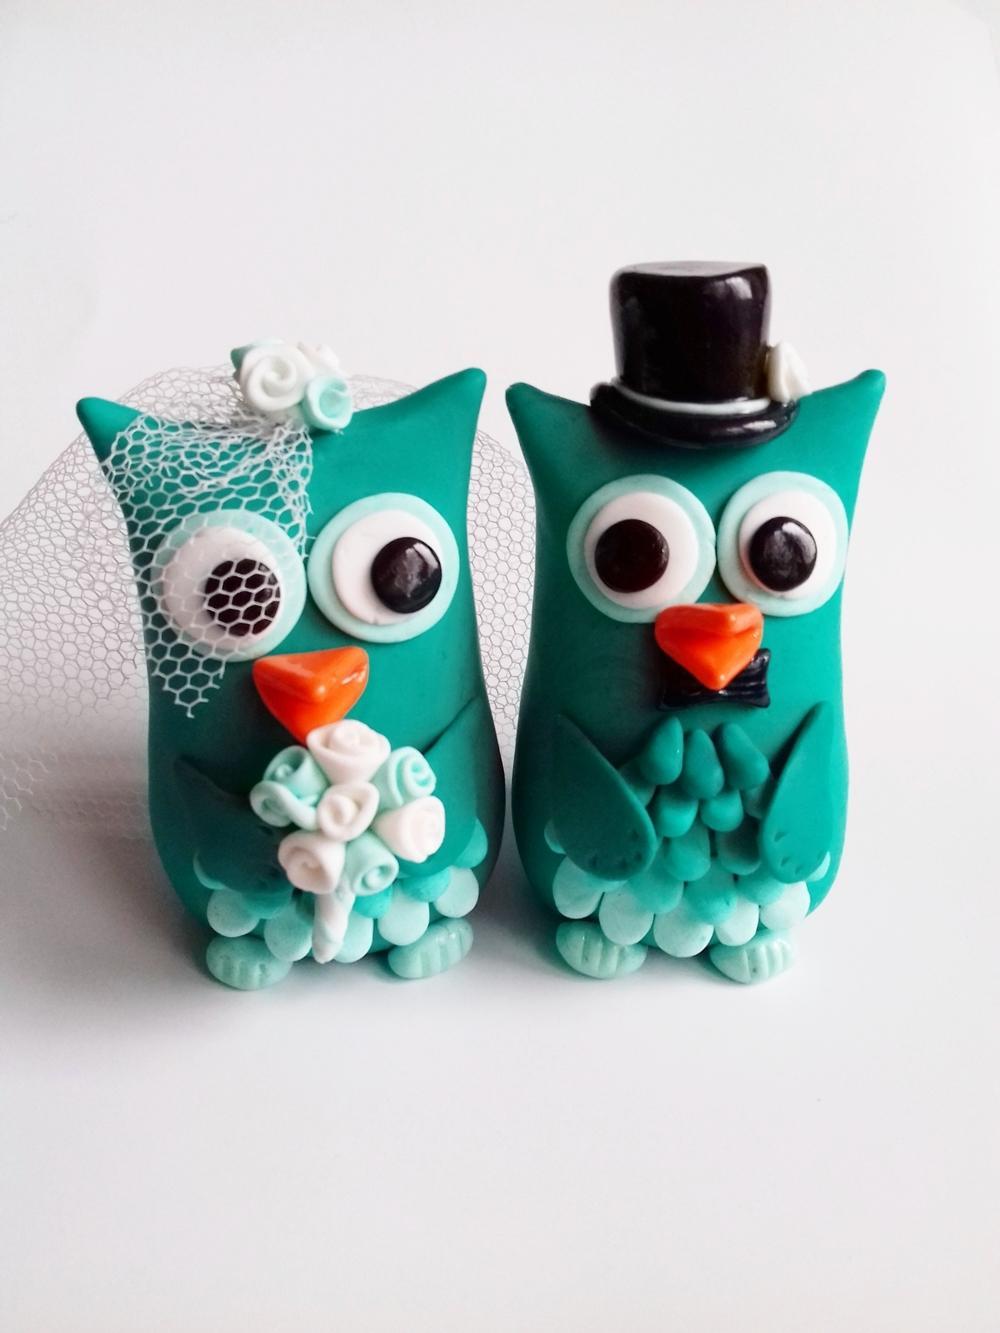 Svatební figurky - https://www.fler.cz/zbozi/sovicky-figurky-na-svatebni-dort-9367567?pos=6